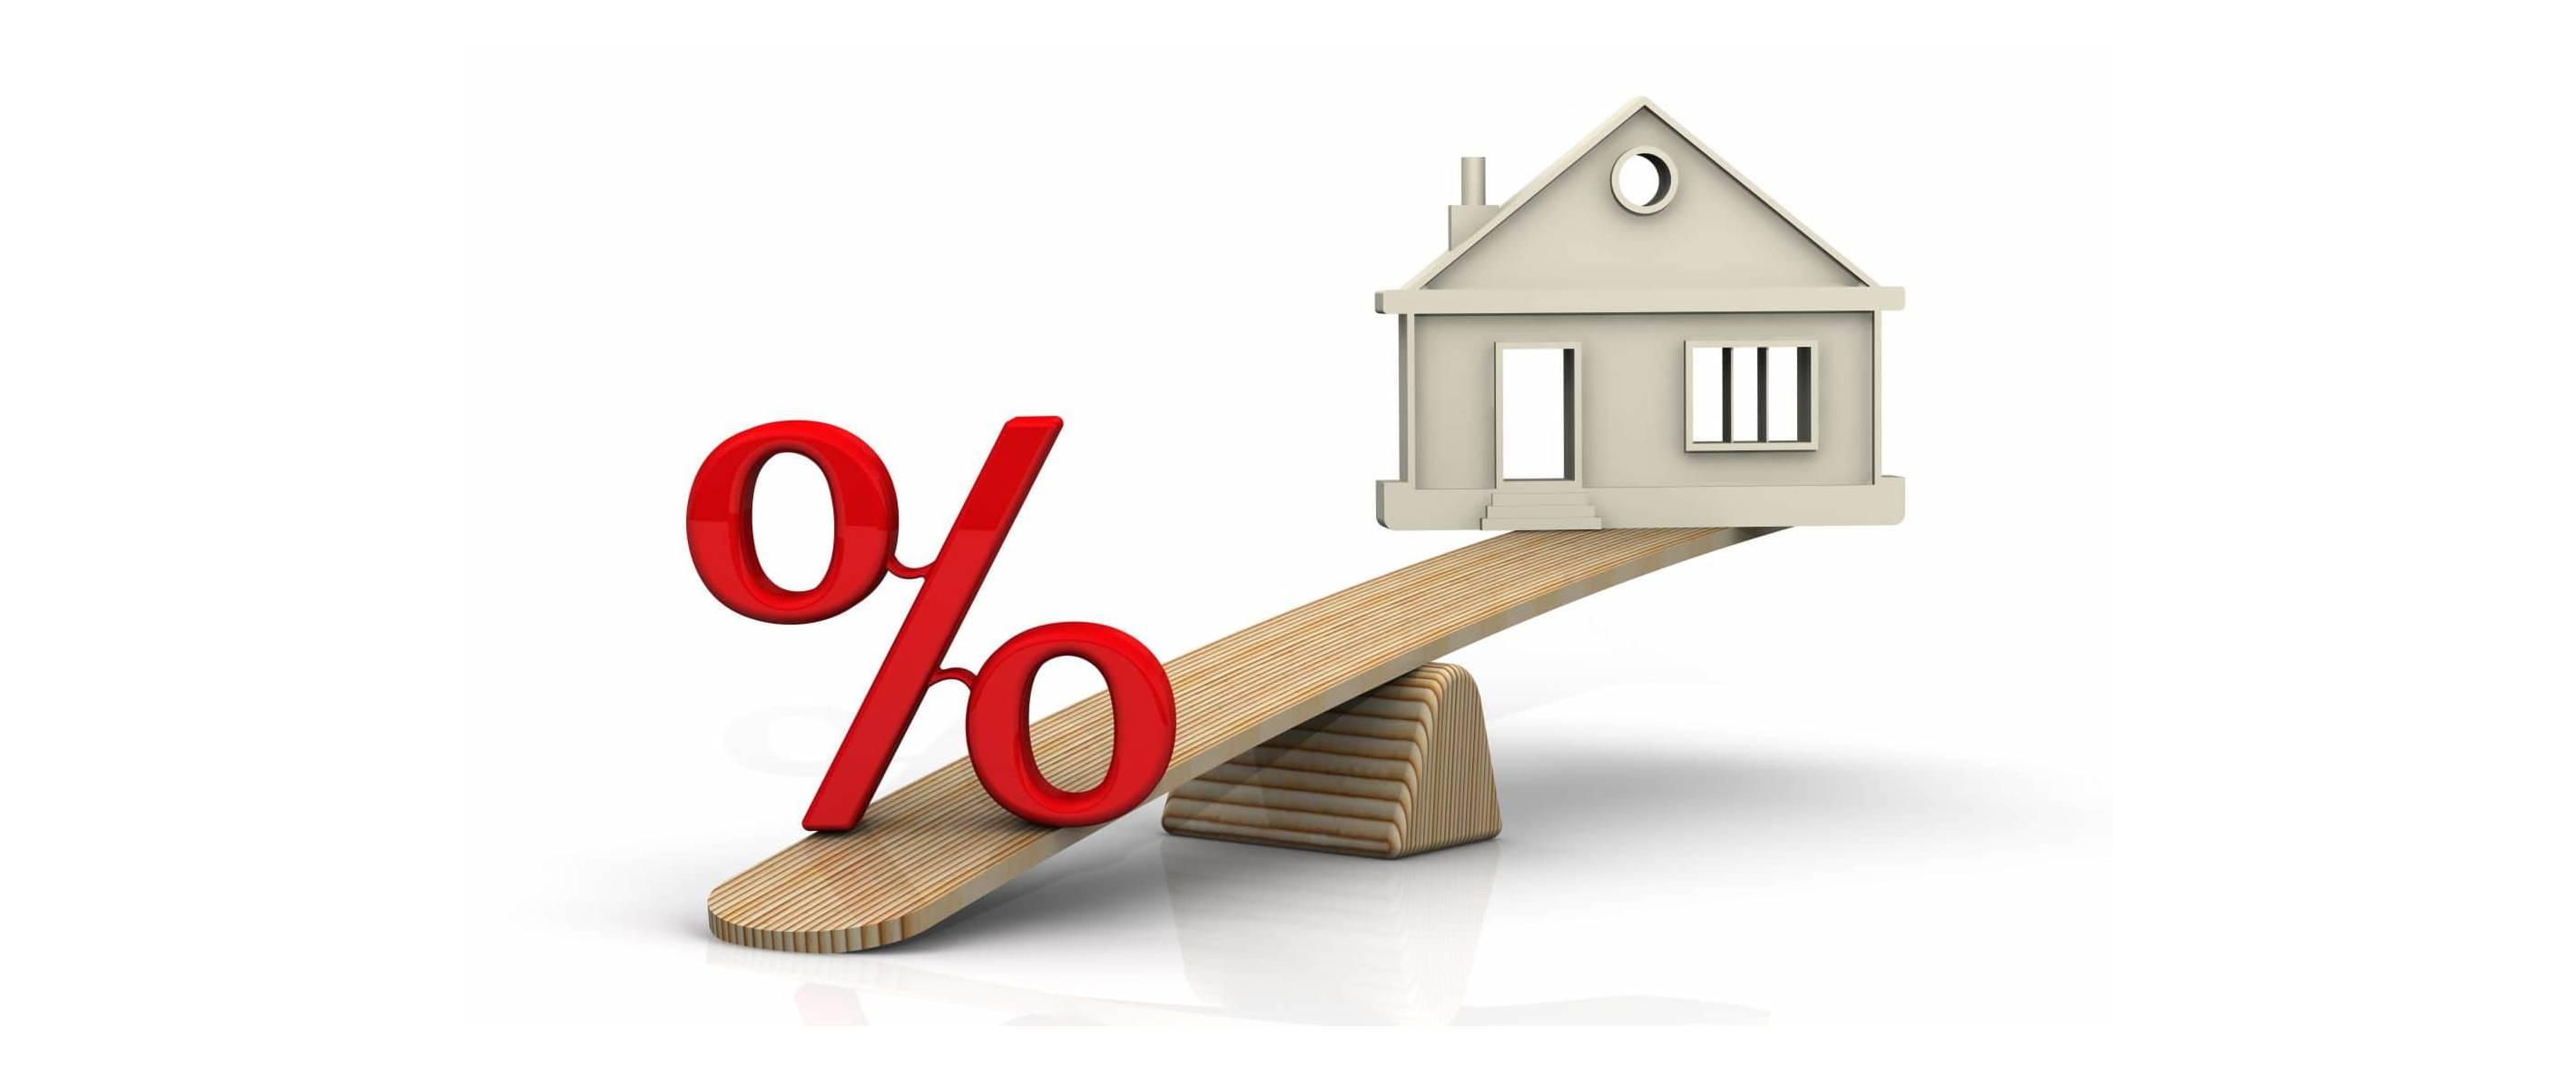 Как выбрать выгодную программу с самой маленькой ставкой по ипотеке